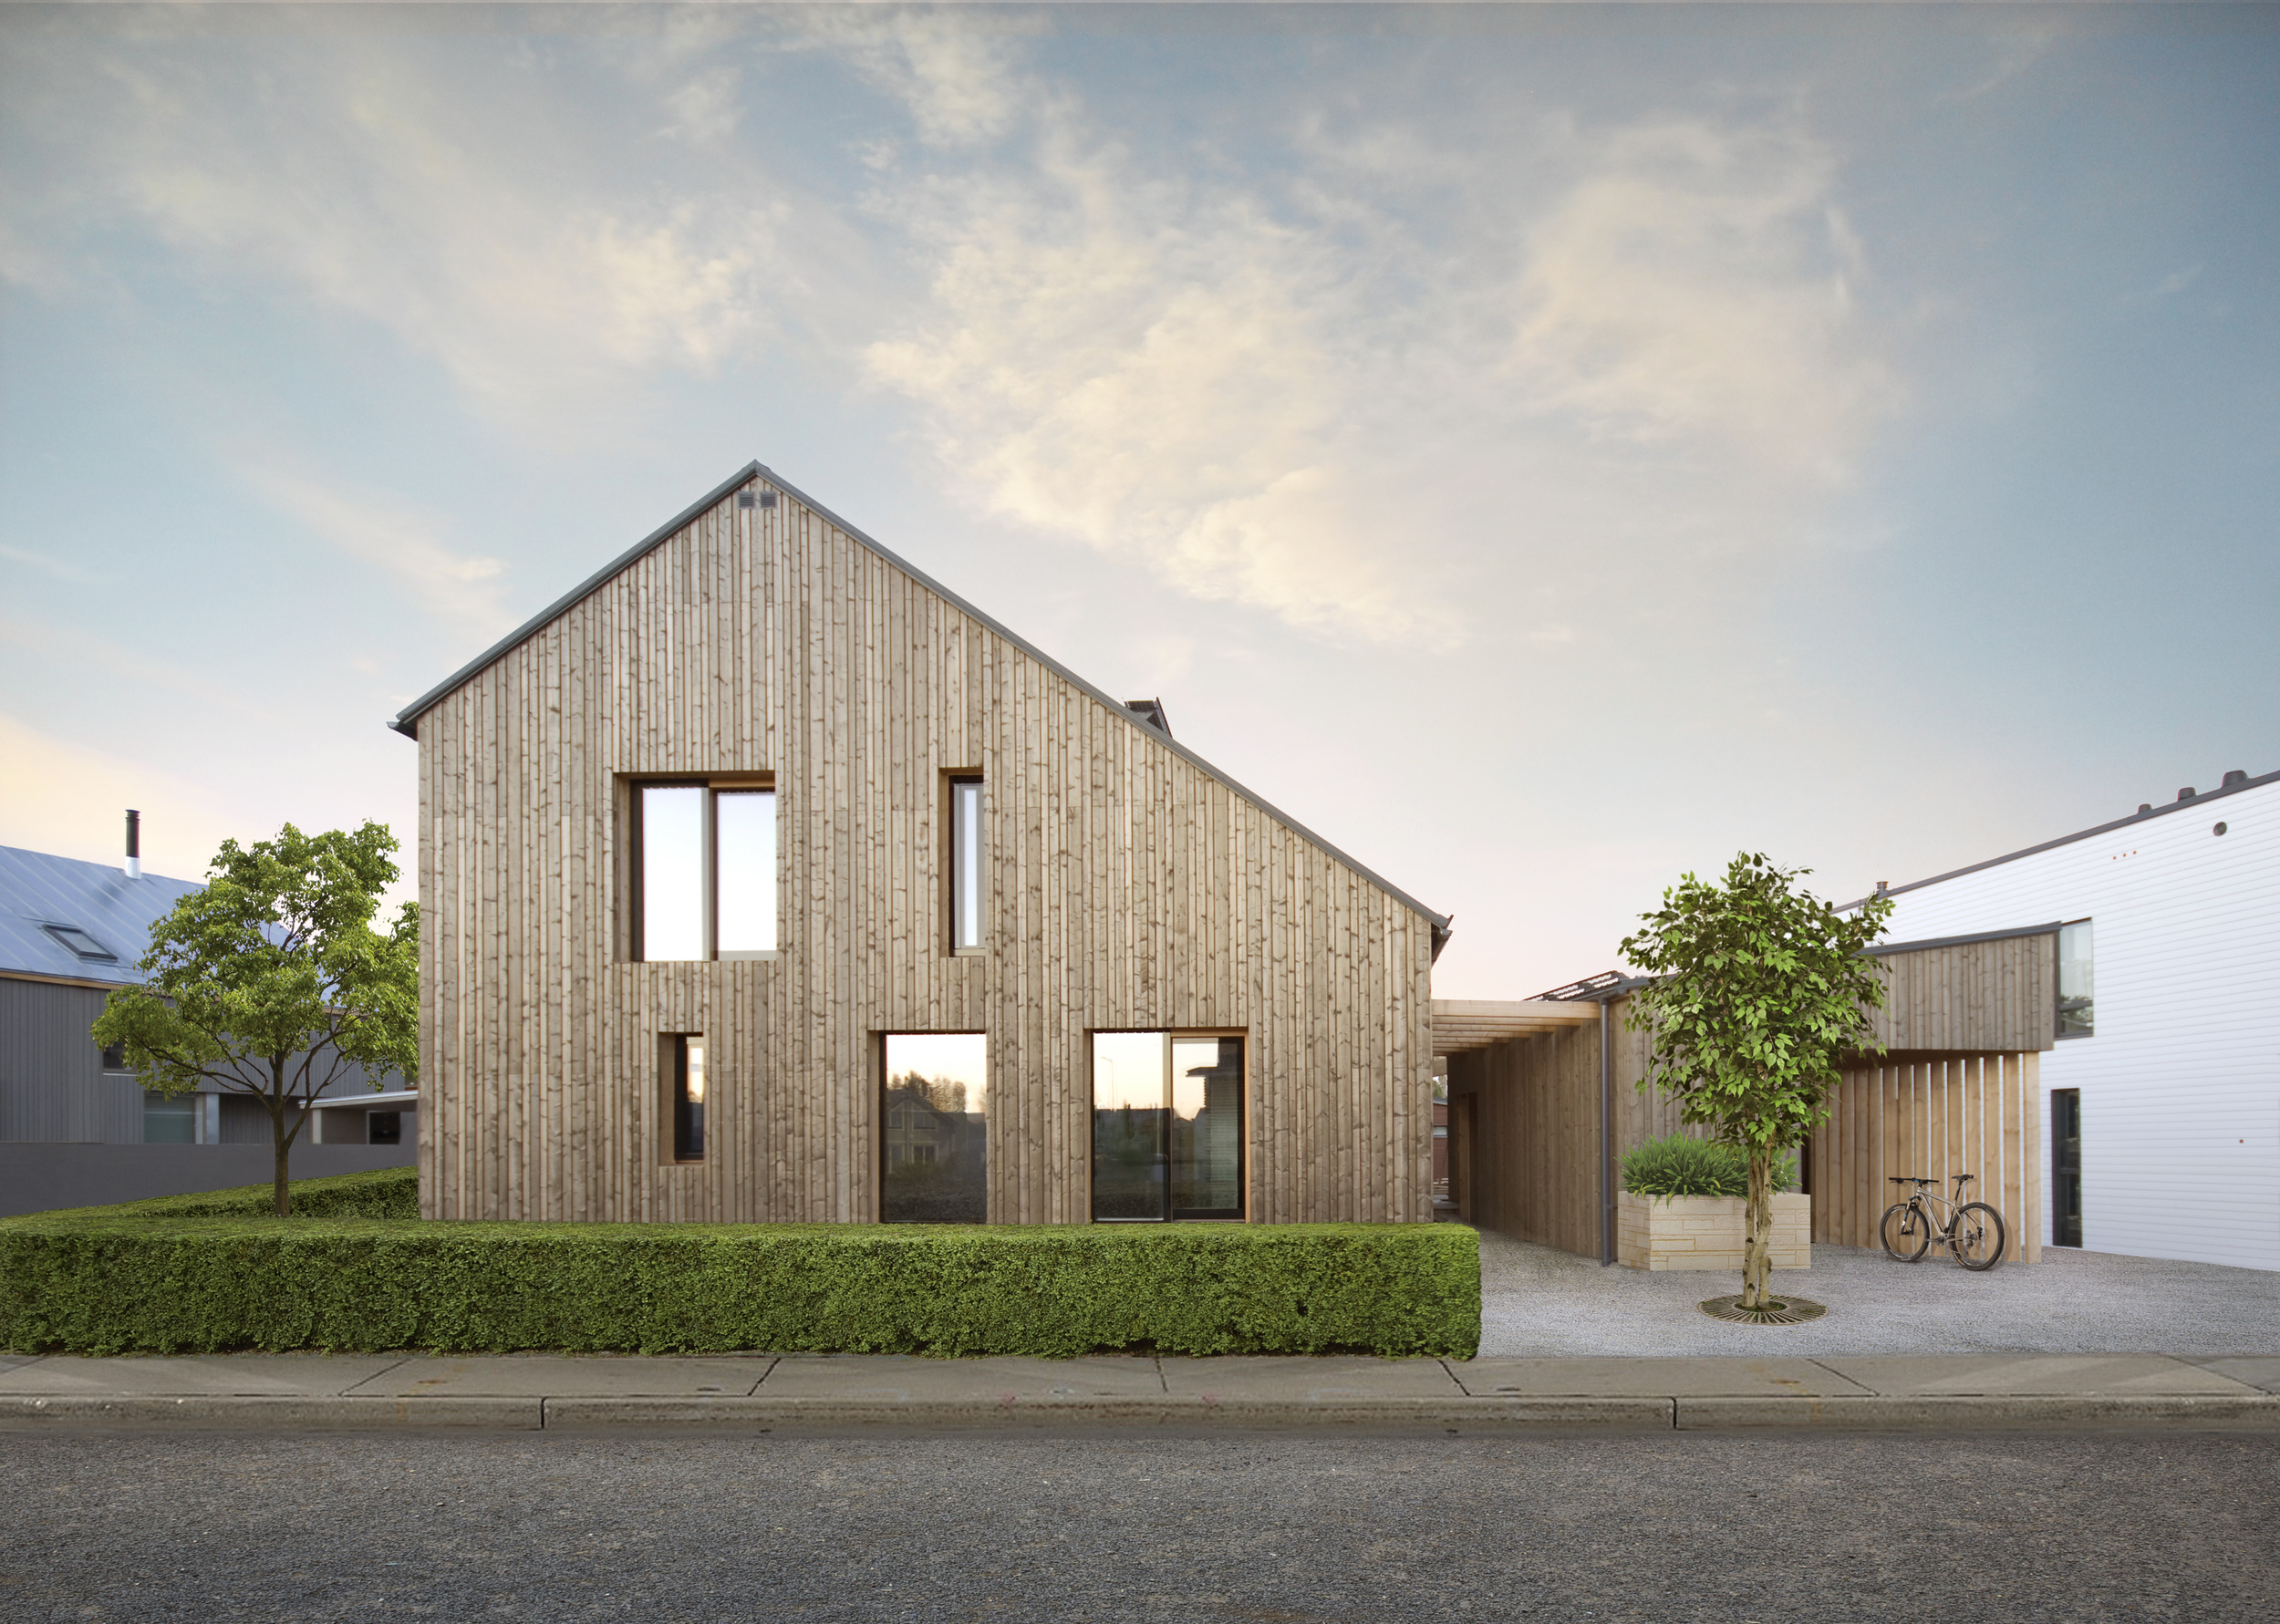 Дом Honka на выставке в Финляндии